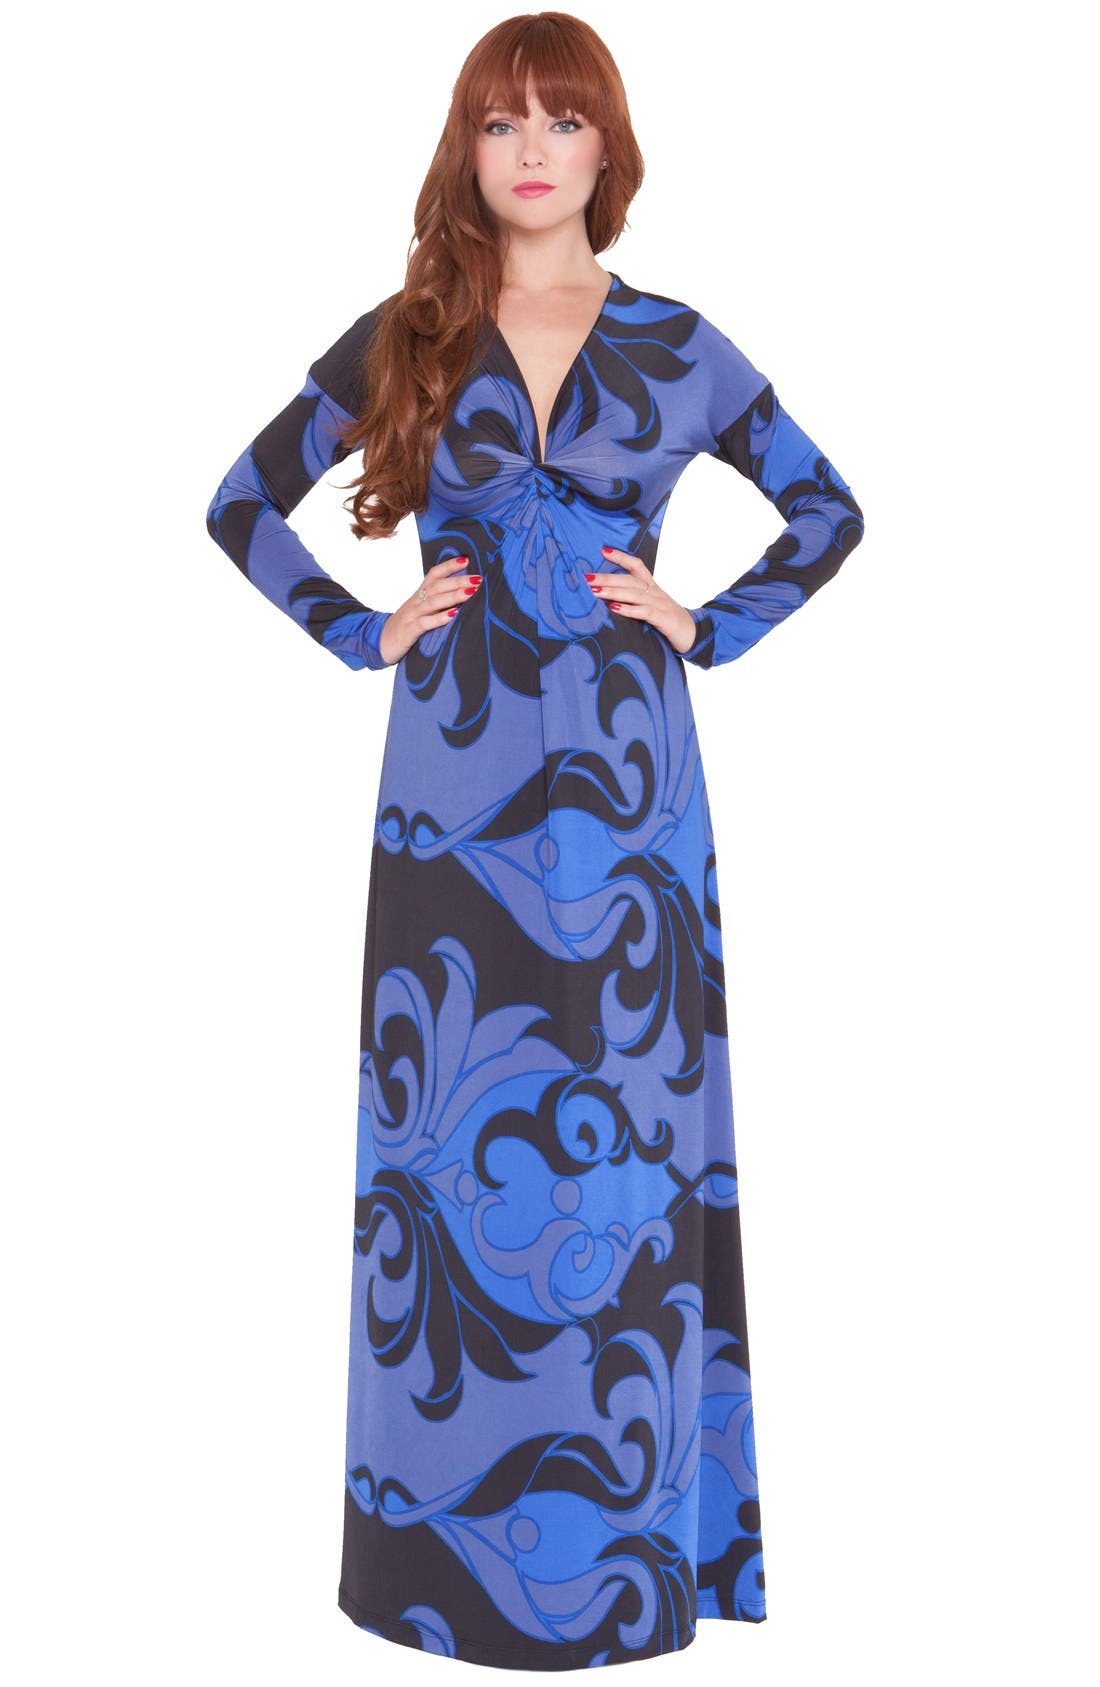 'Katherine' Print Maternity Maxi Dress,                             Main thumbnail 1, color,                             BLUE